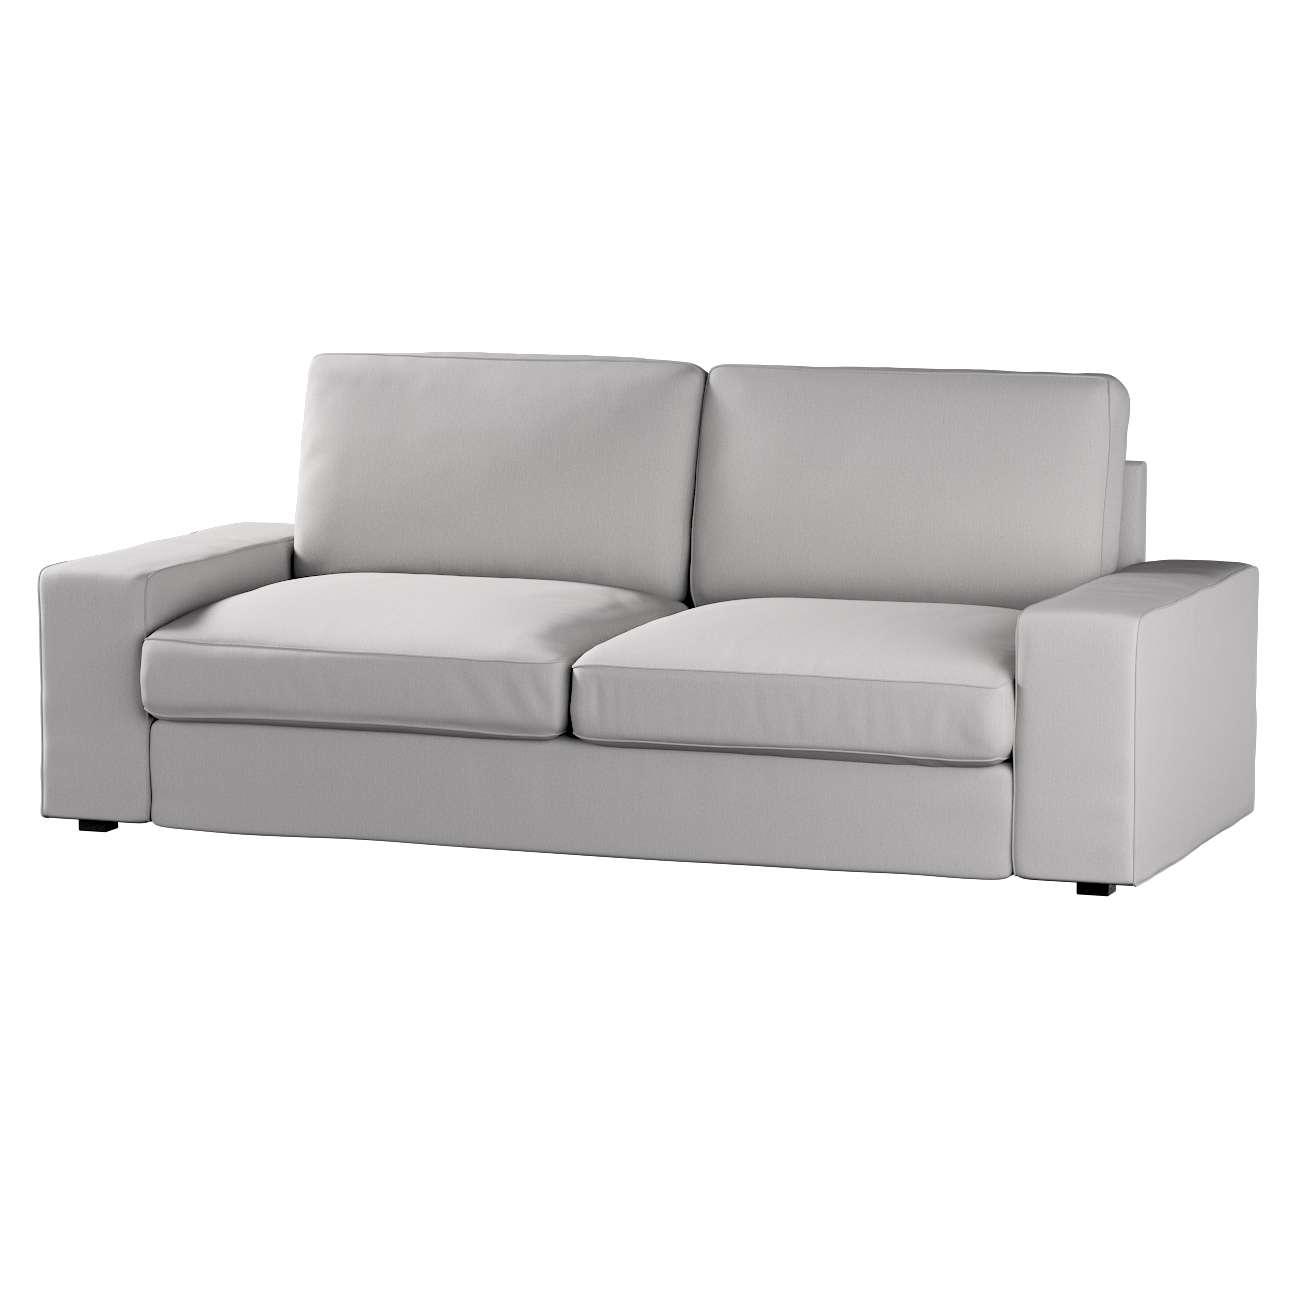 KIVIK trivietės sofos užvalkalas Kivik 3-seat sofa kolekcijoje Chenille, audinys: 702-23